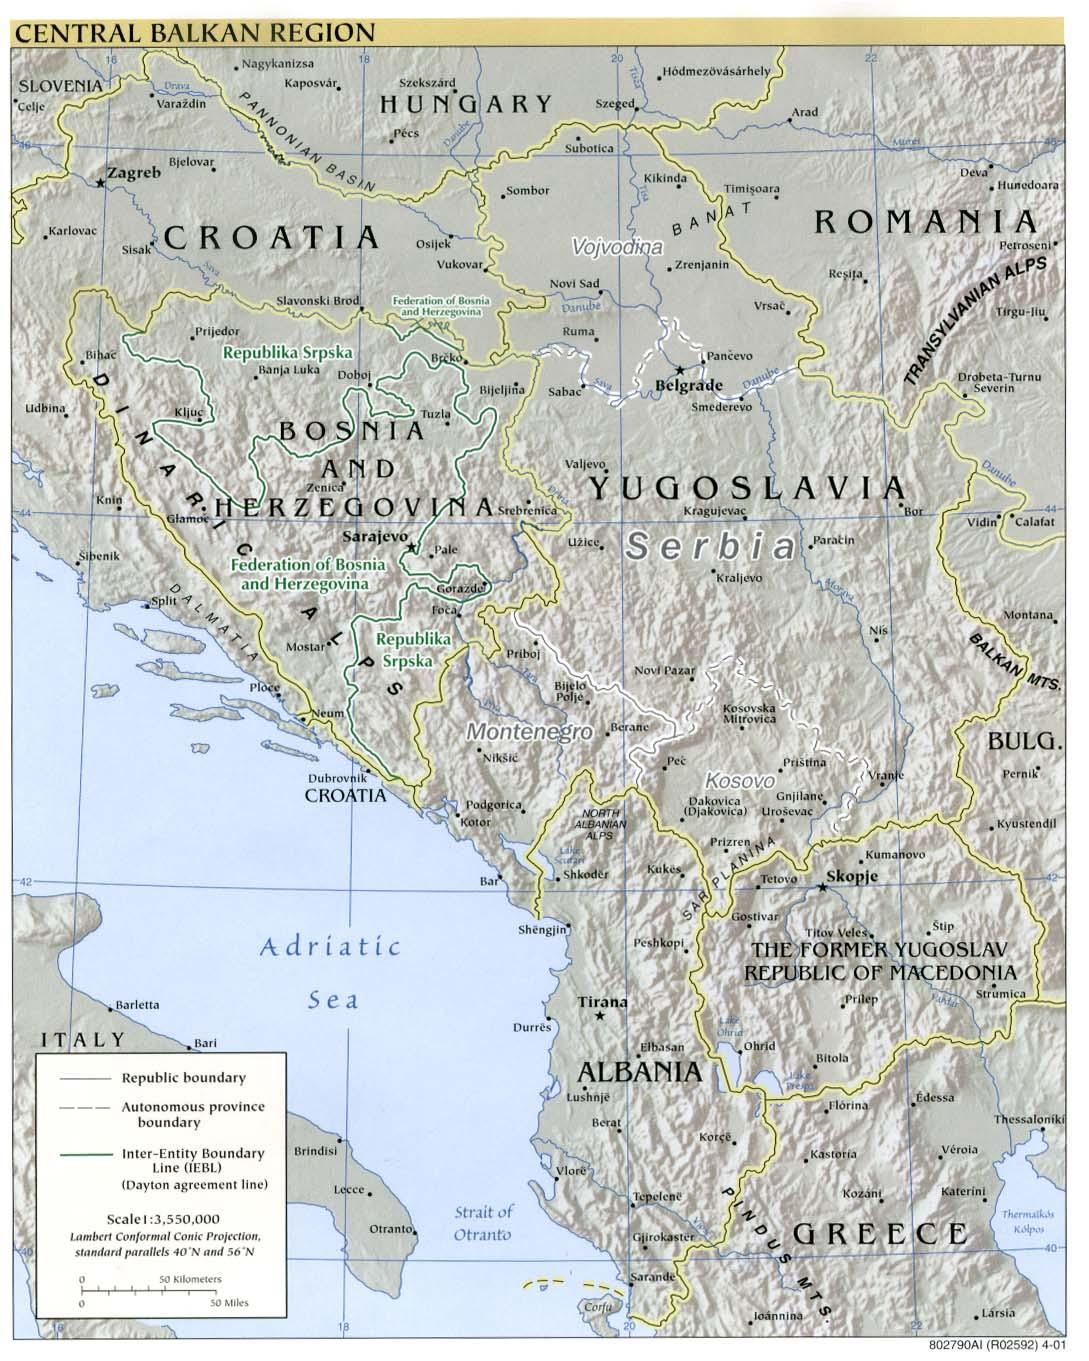 Western Balkans Relief Map 2001